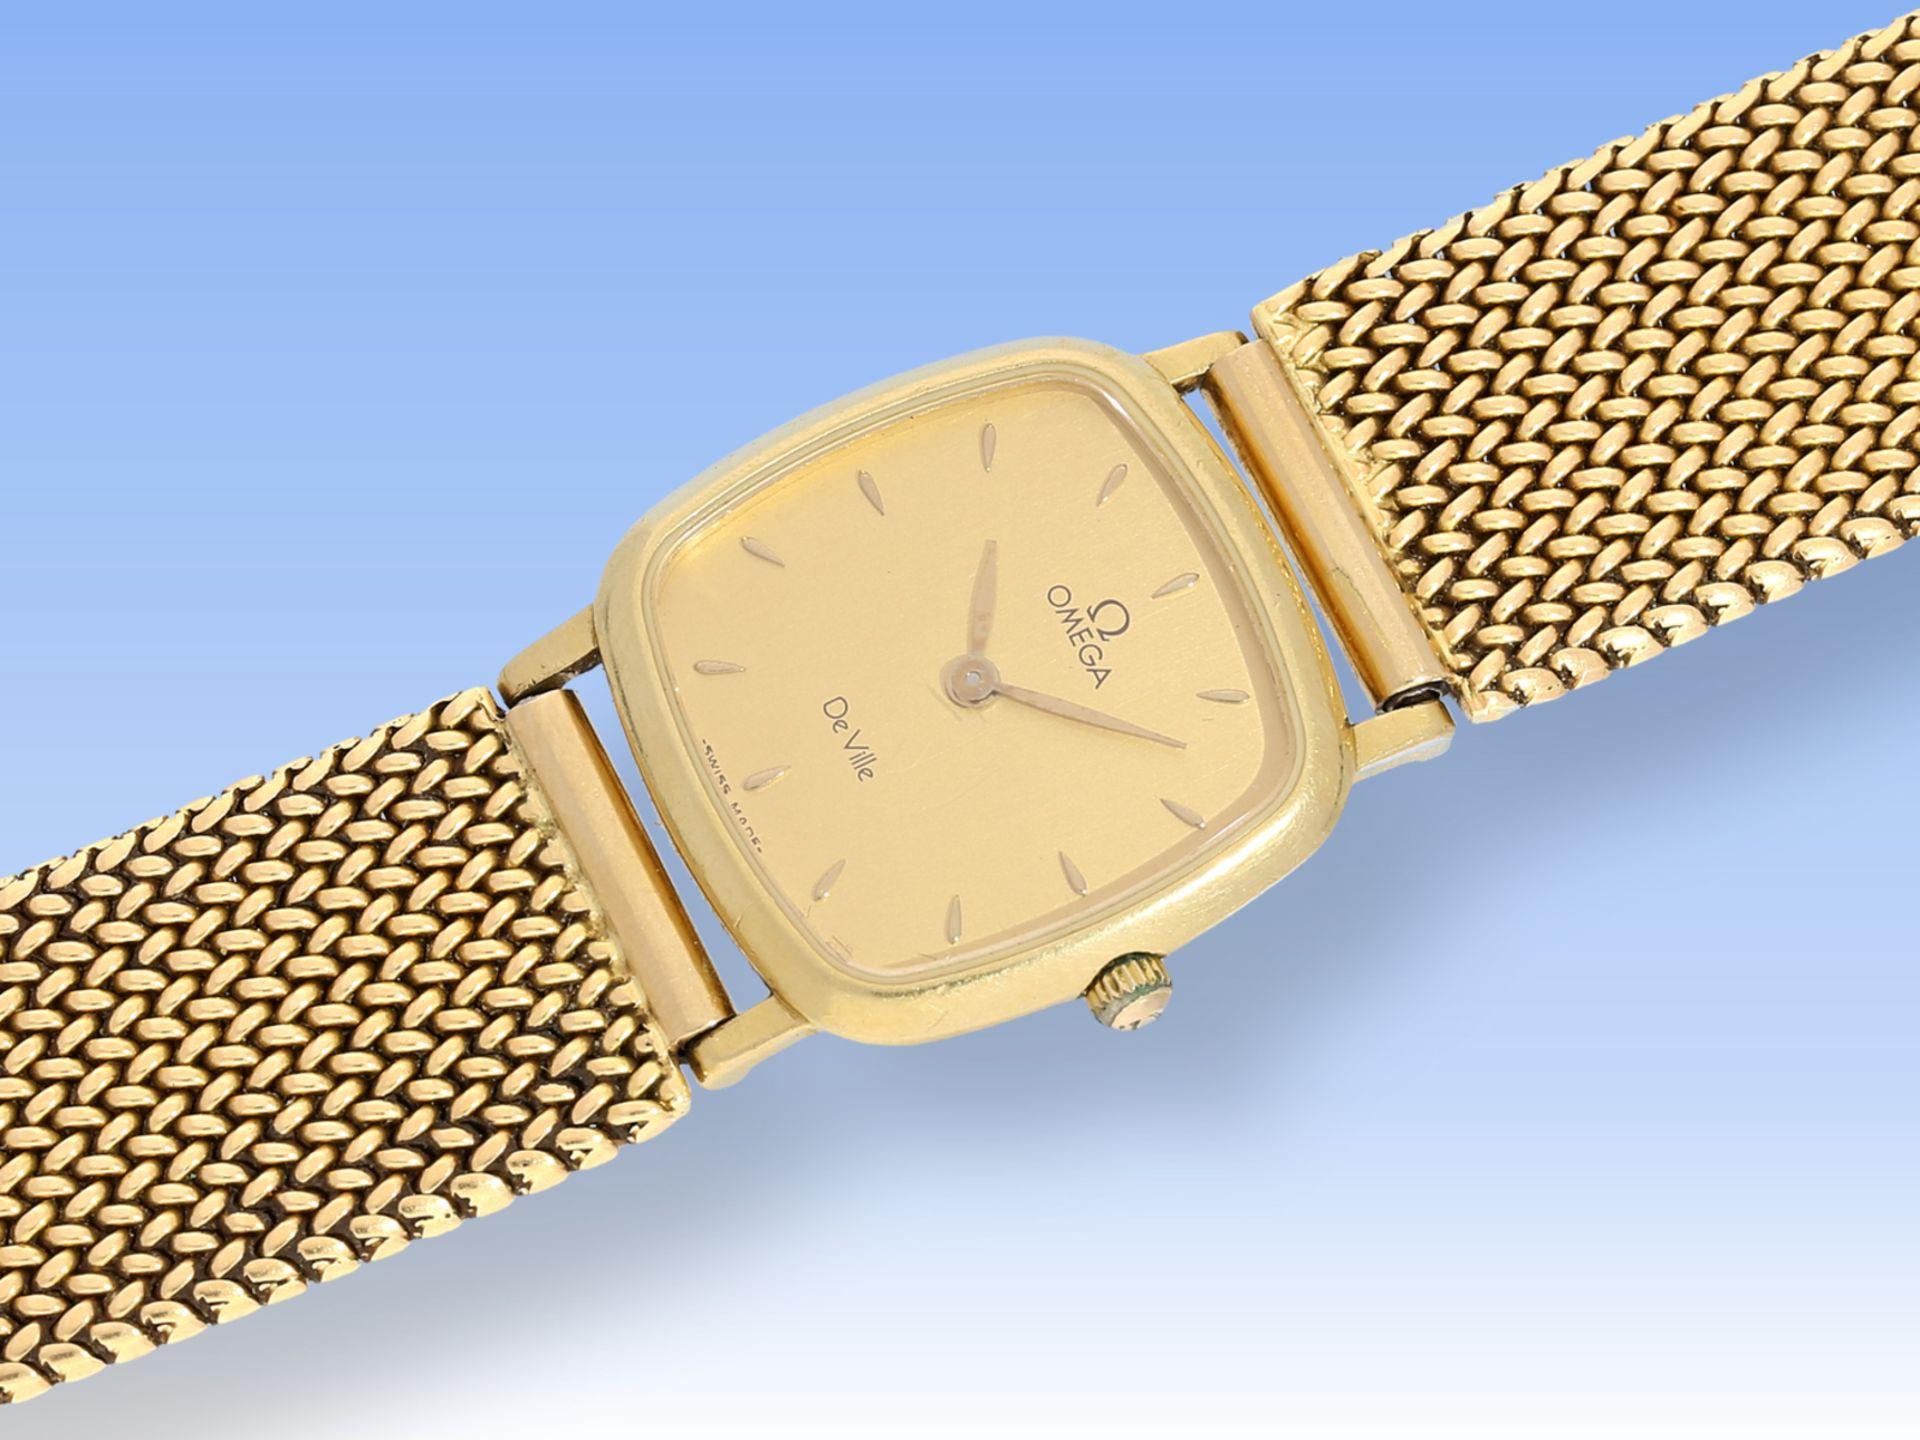 Armbanduhr: hochwertige vintage Damenuhr Omega De Ville in 18K GelbgoldCa. 19cm lang, - Bild 2 aus 2